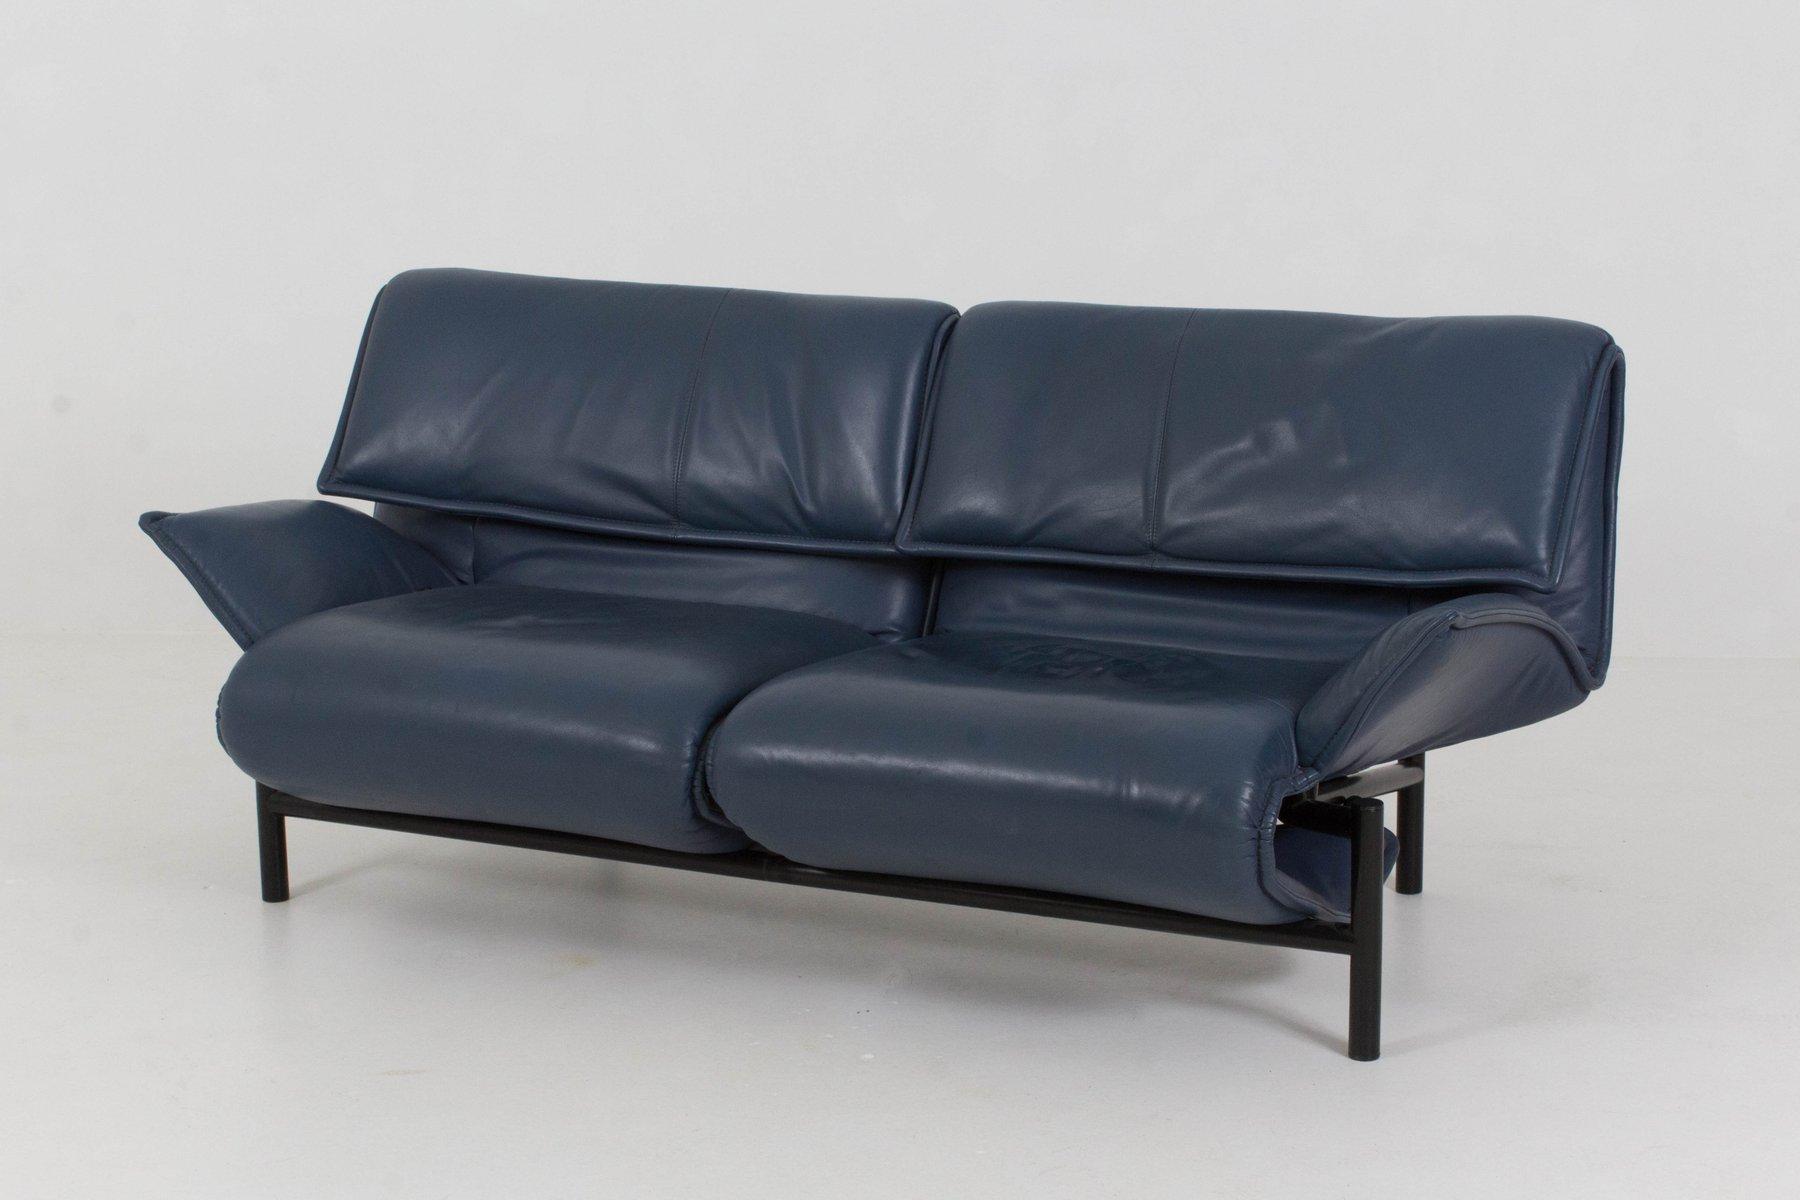 Model veranda two seater sofa by vico magistretti for for Sofa 8 cassina